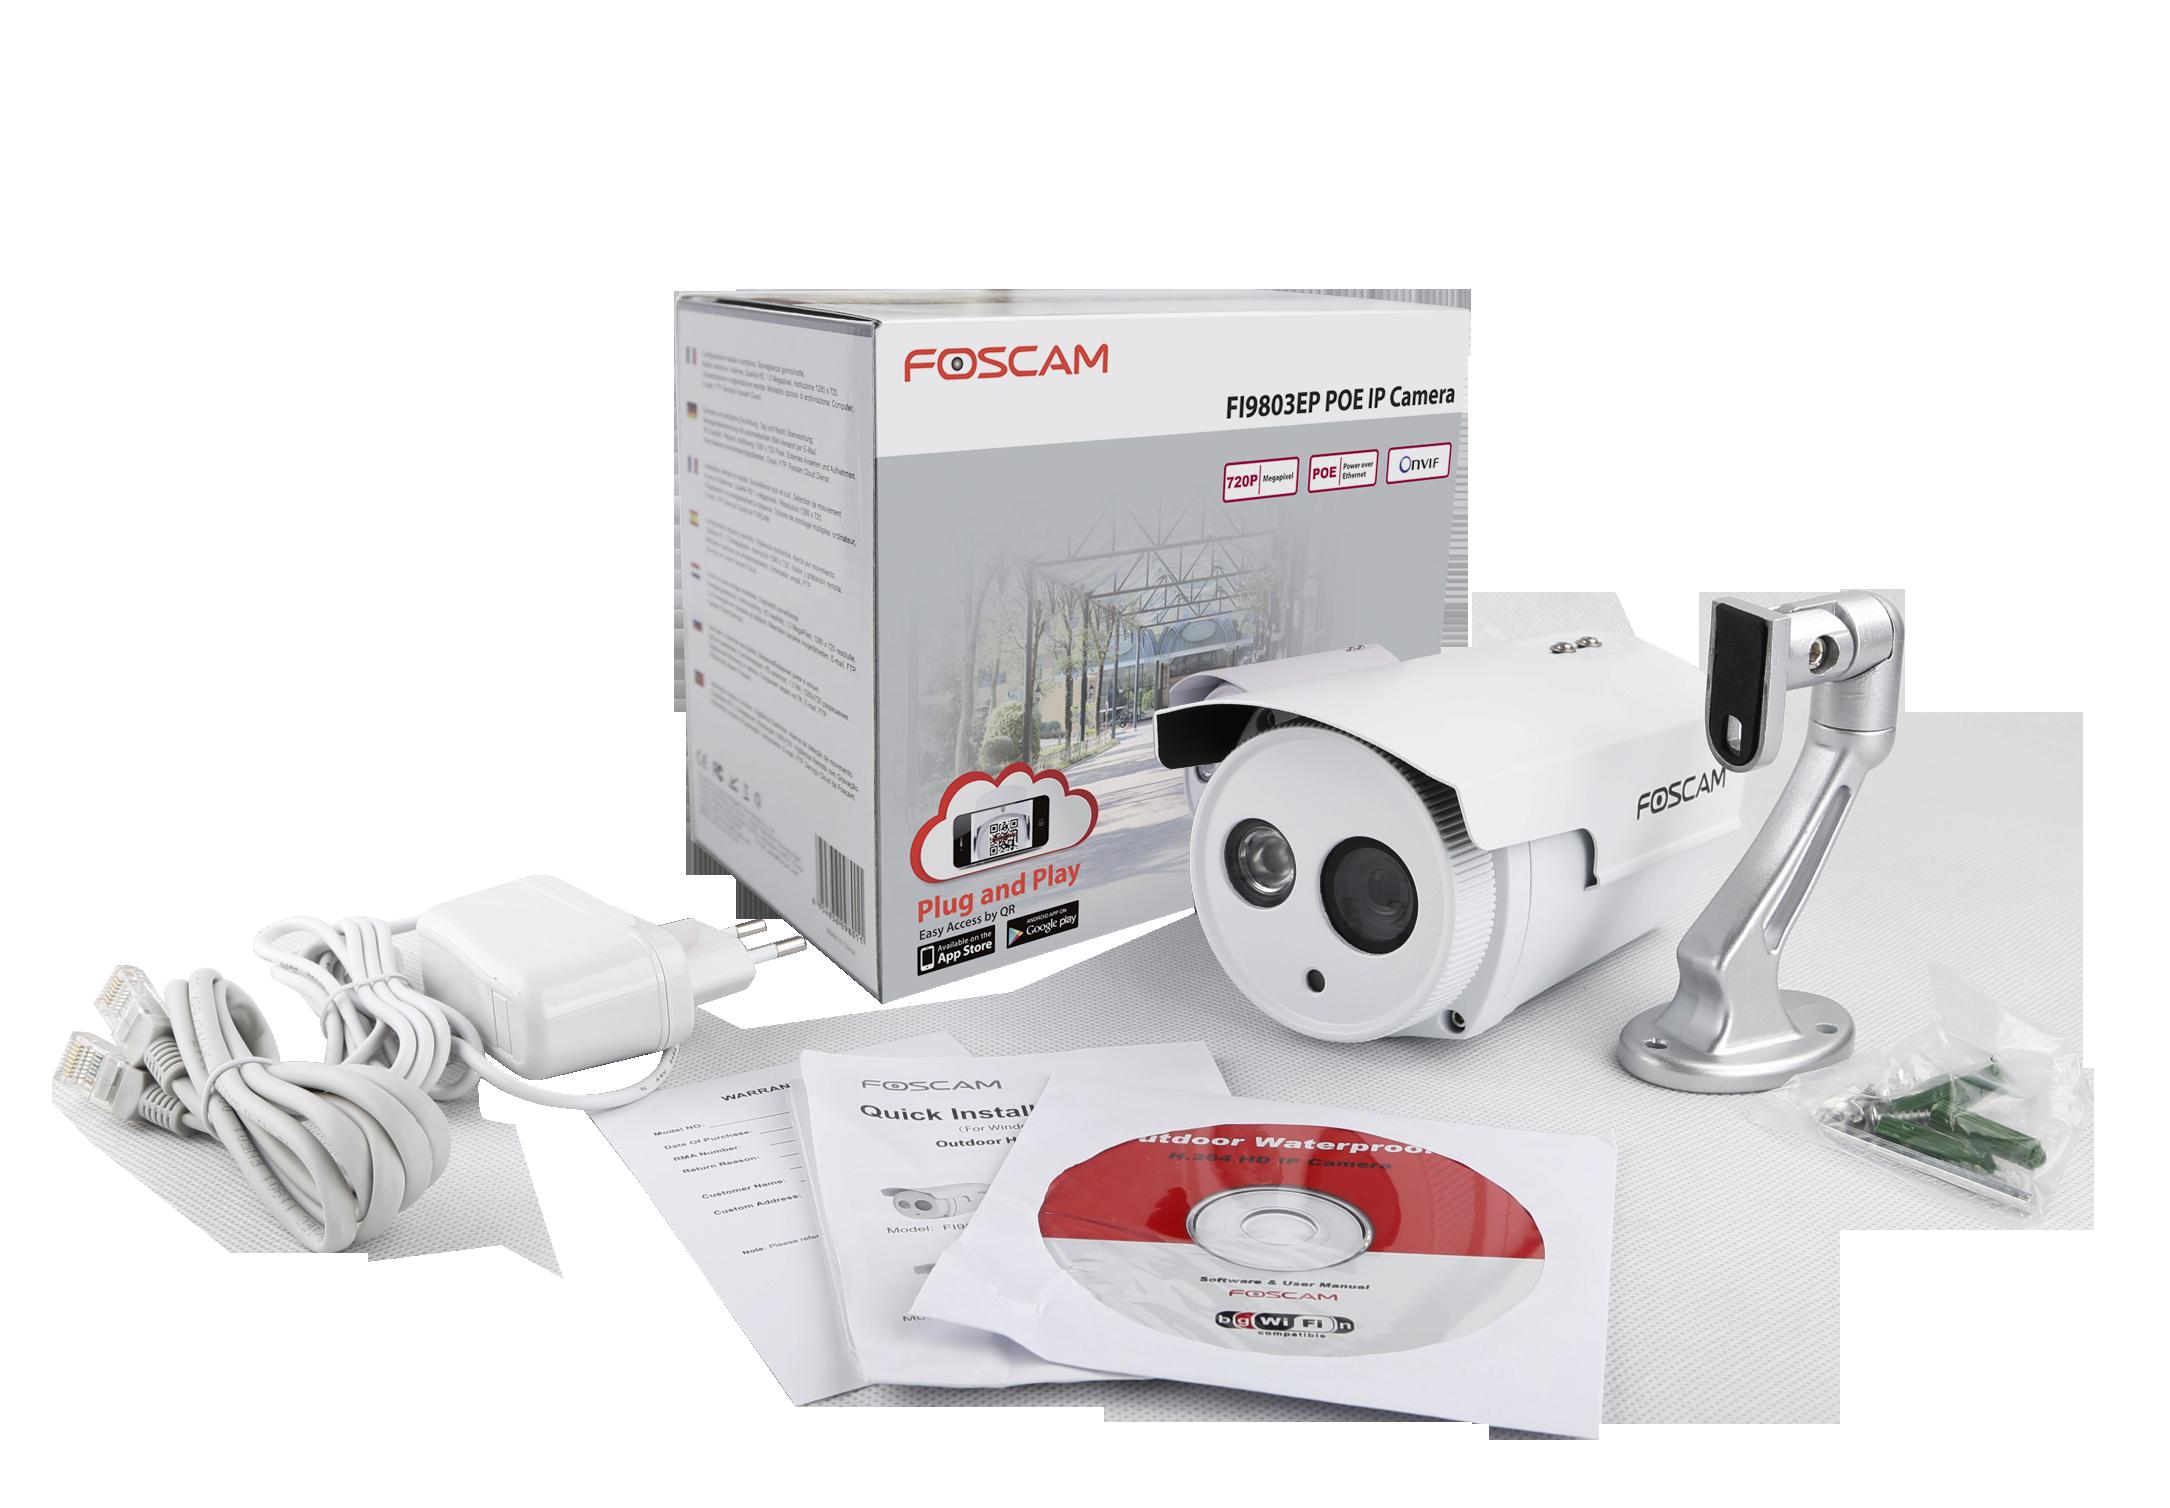 caméra IP Foscam FI9803EP une camera ip d'extérieur